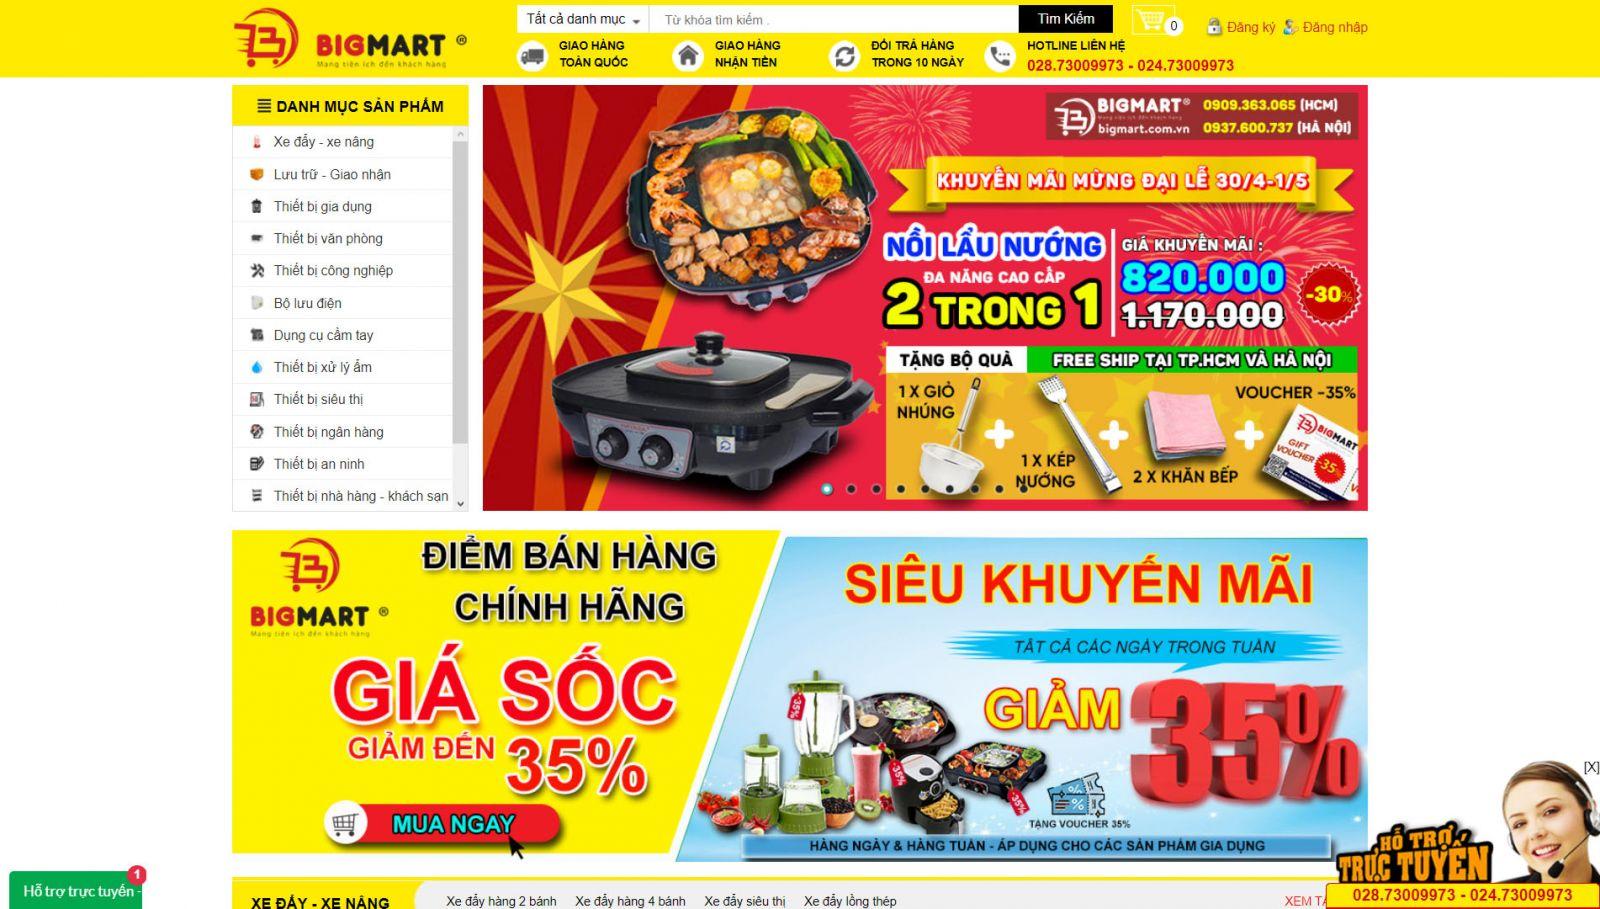 Website bigmart.com.vn